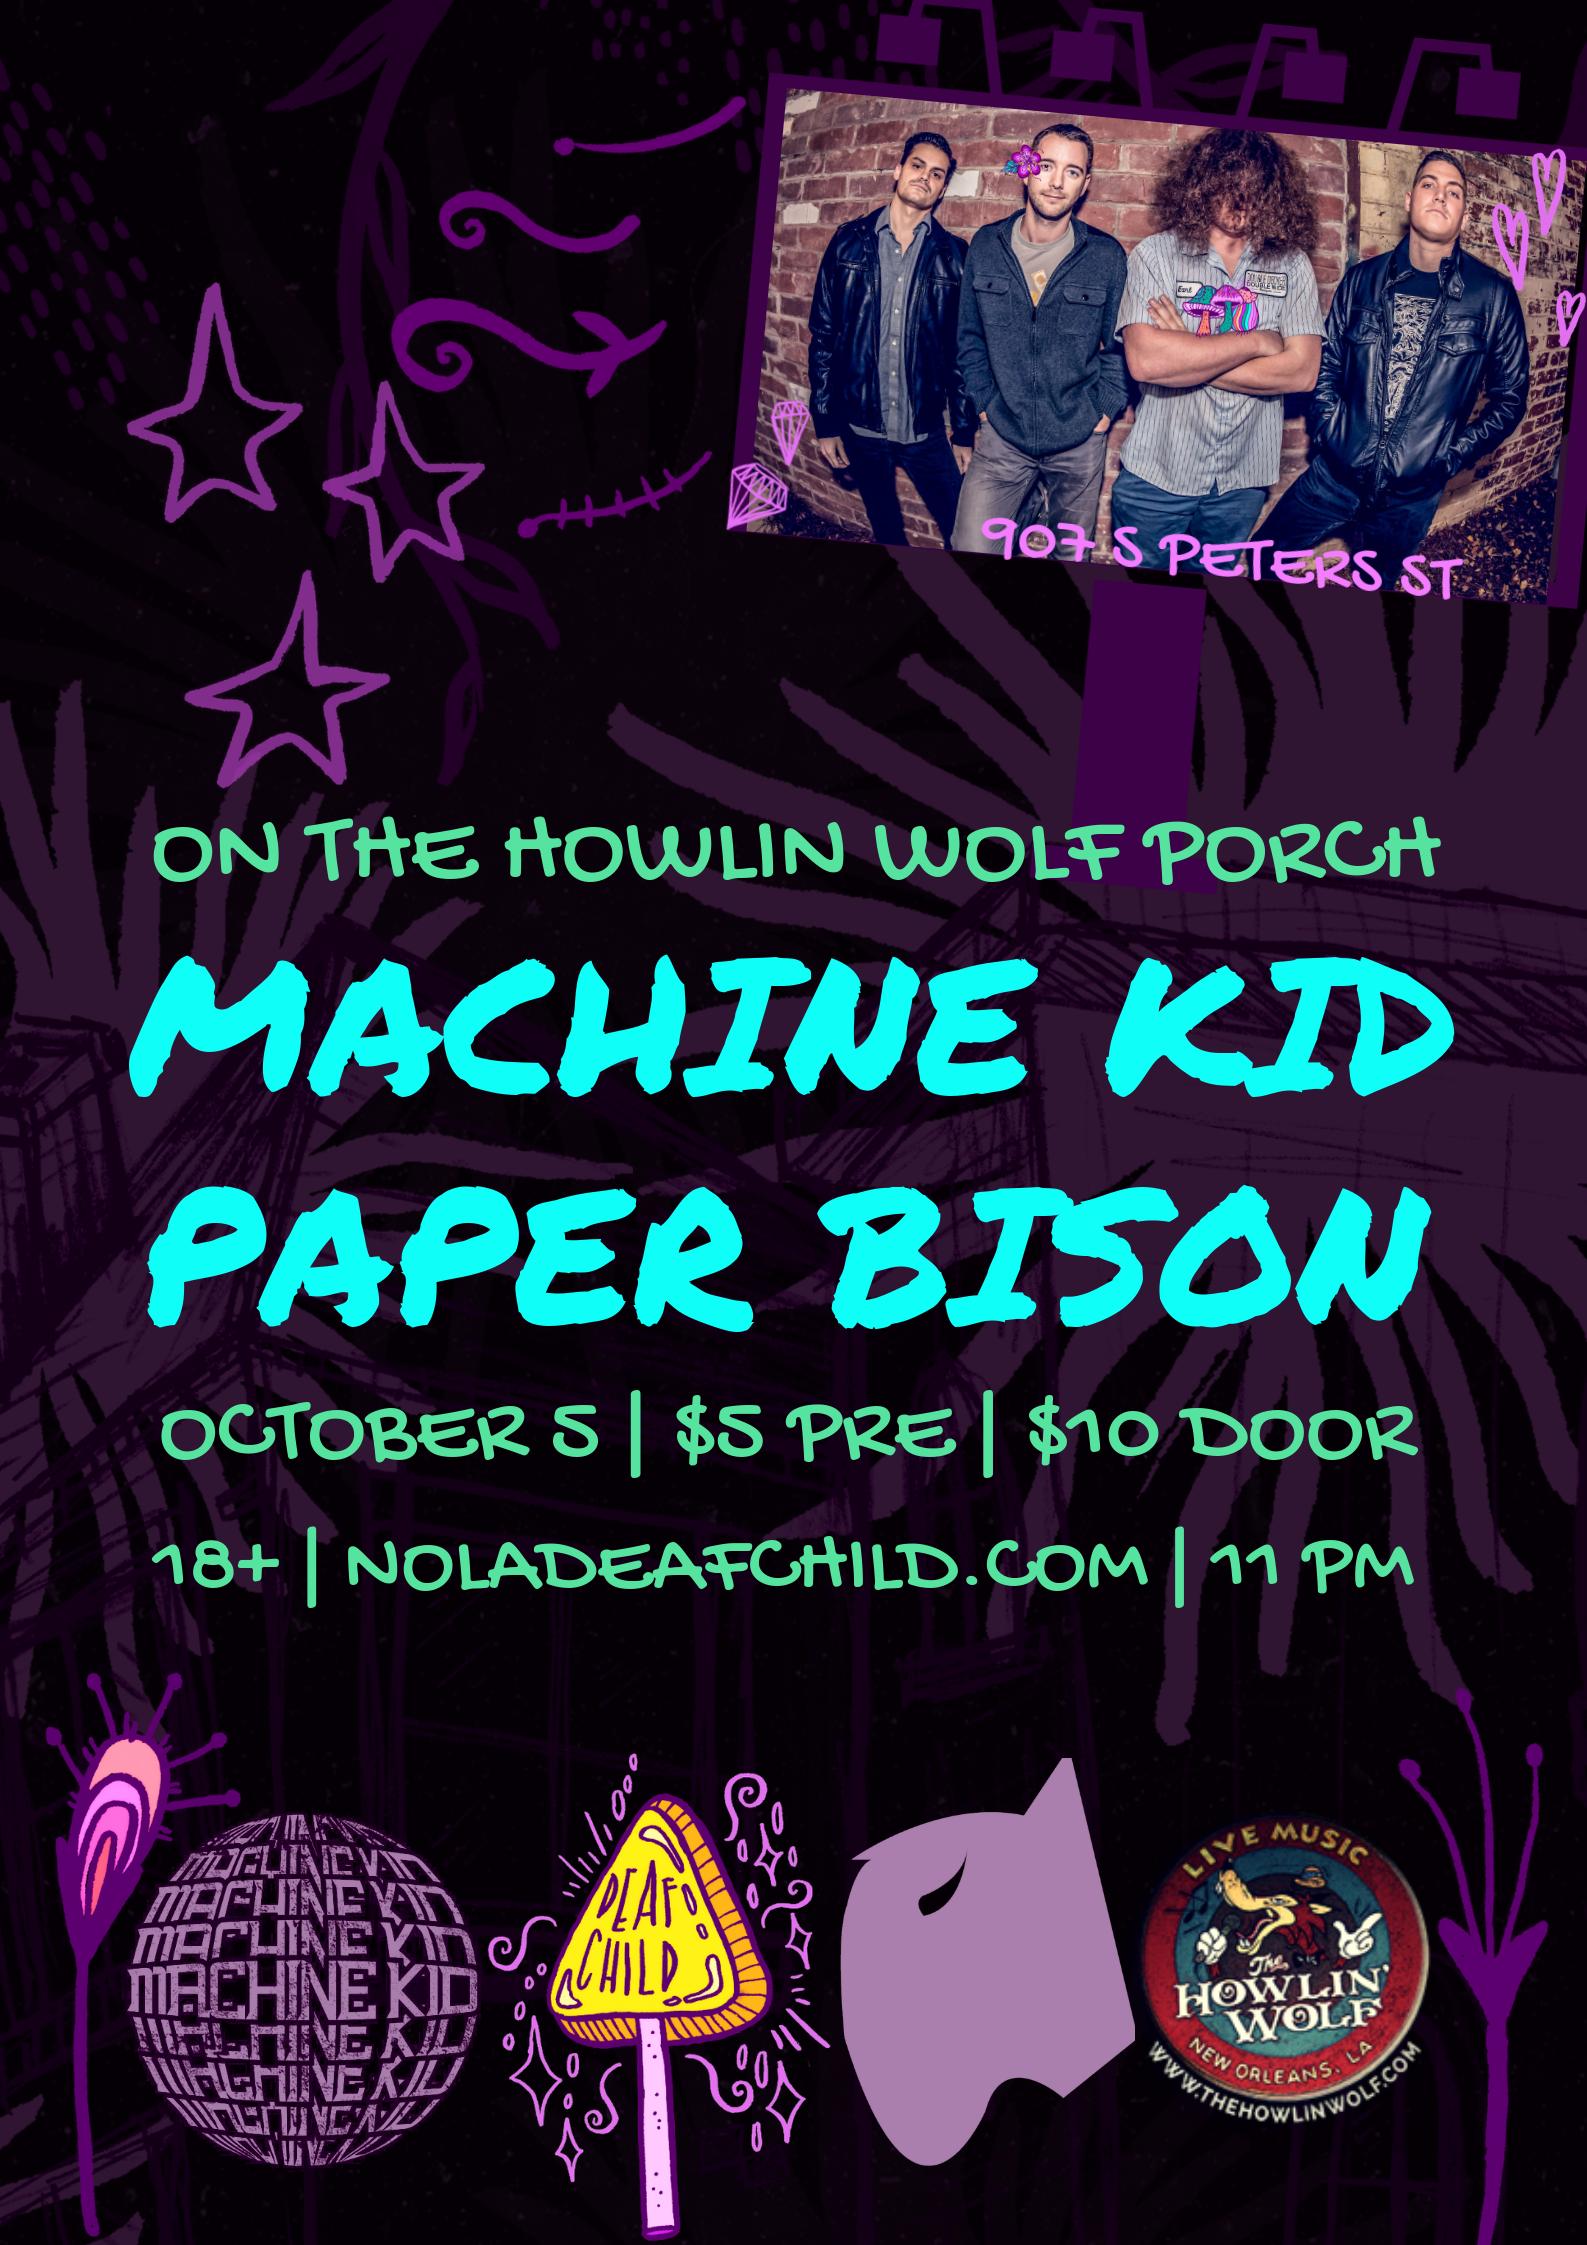 Paper Bison + Machine Kid 2018